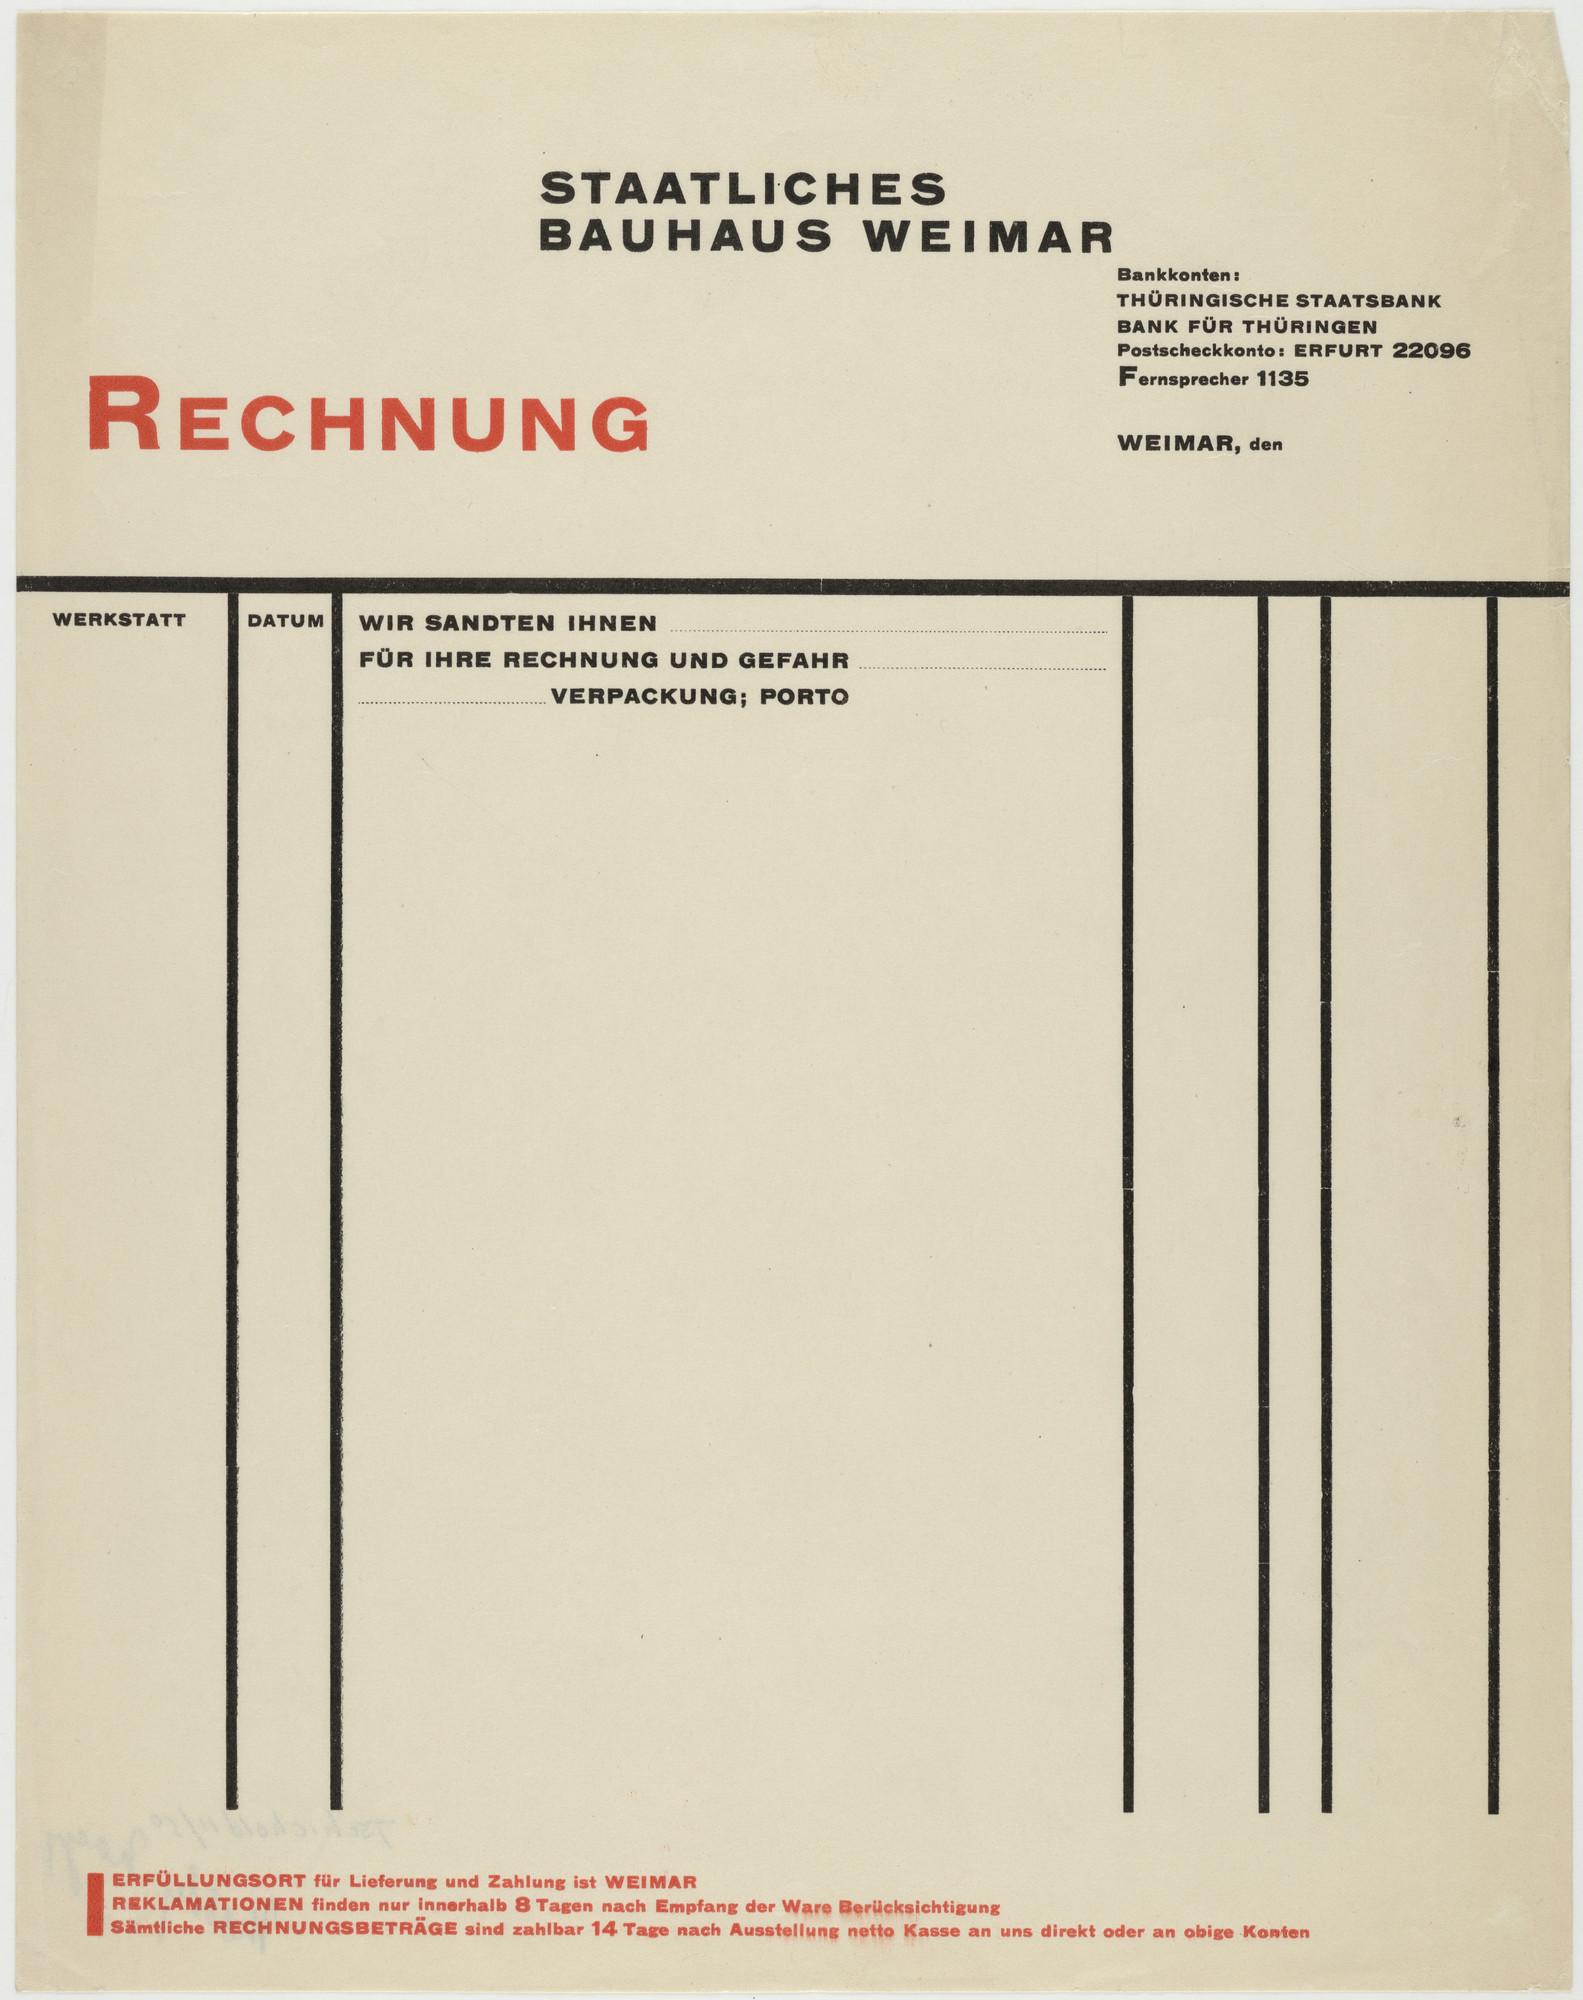 László Moholy-Nagy. Staatliches Bauhaus Weimar Rechnung. 1919-25 | MoMA